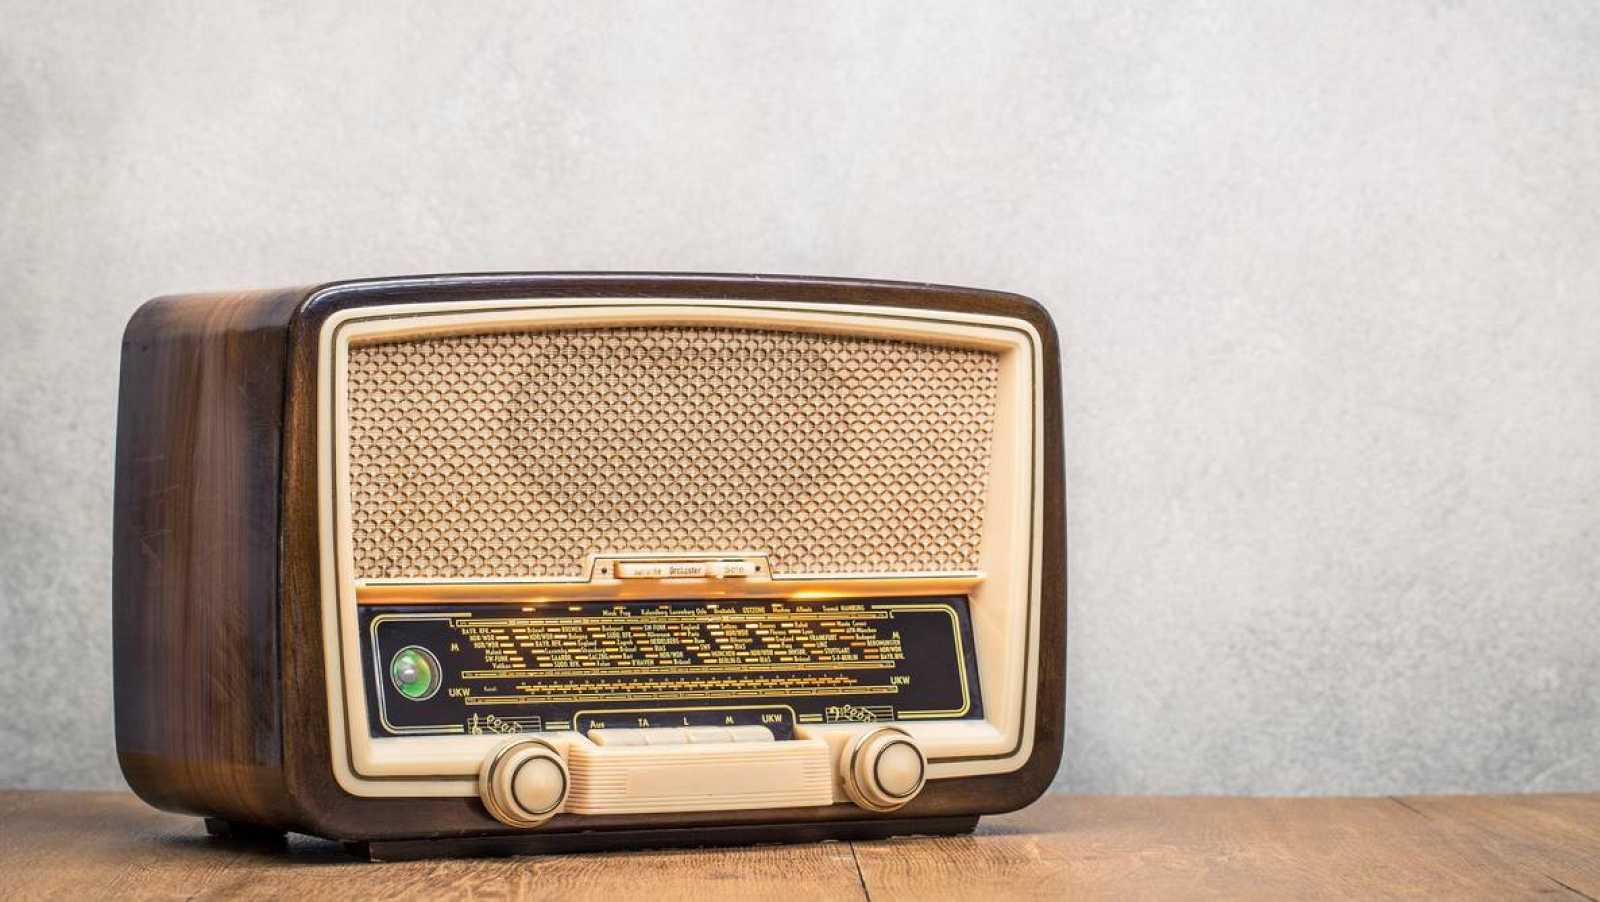 Ondas de ayer - José Manuel Rodríguez 'Rodri', maestro de radio - 23/11/20 - Escuchar ahora